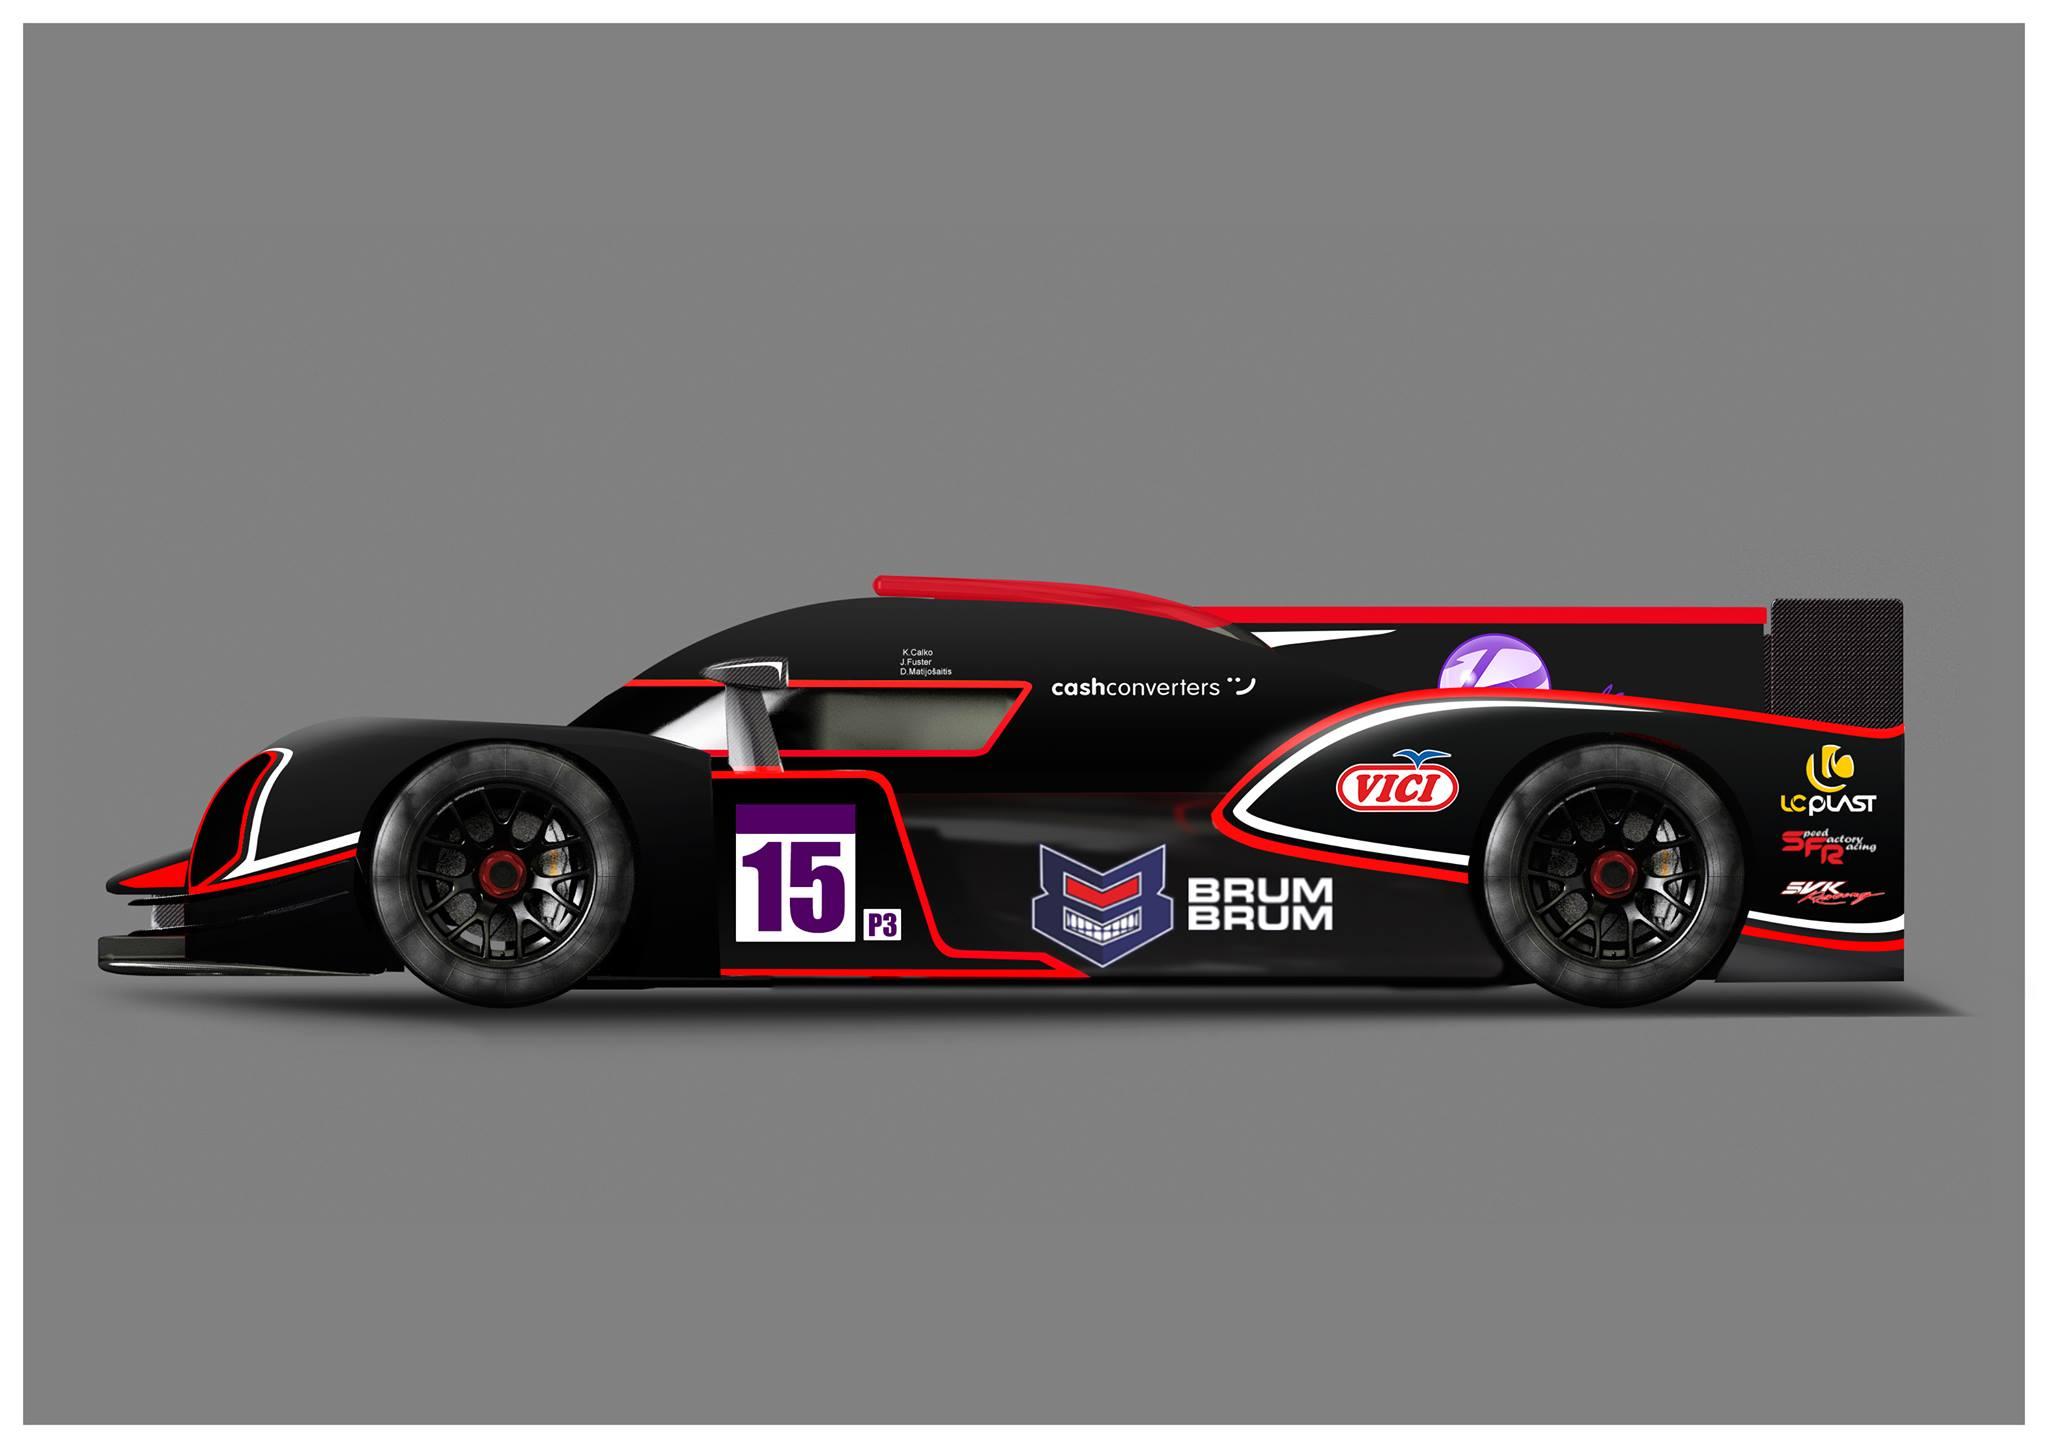 sfr team 31 cars on track for the official test session at le castellet. Black Bedroom Furniture Sets. Home Design Ideas